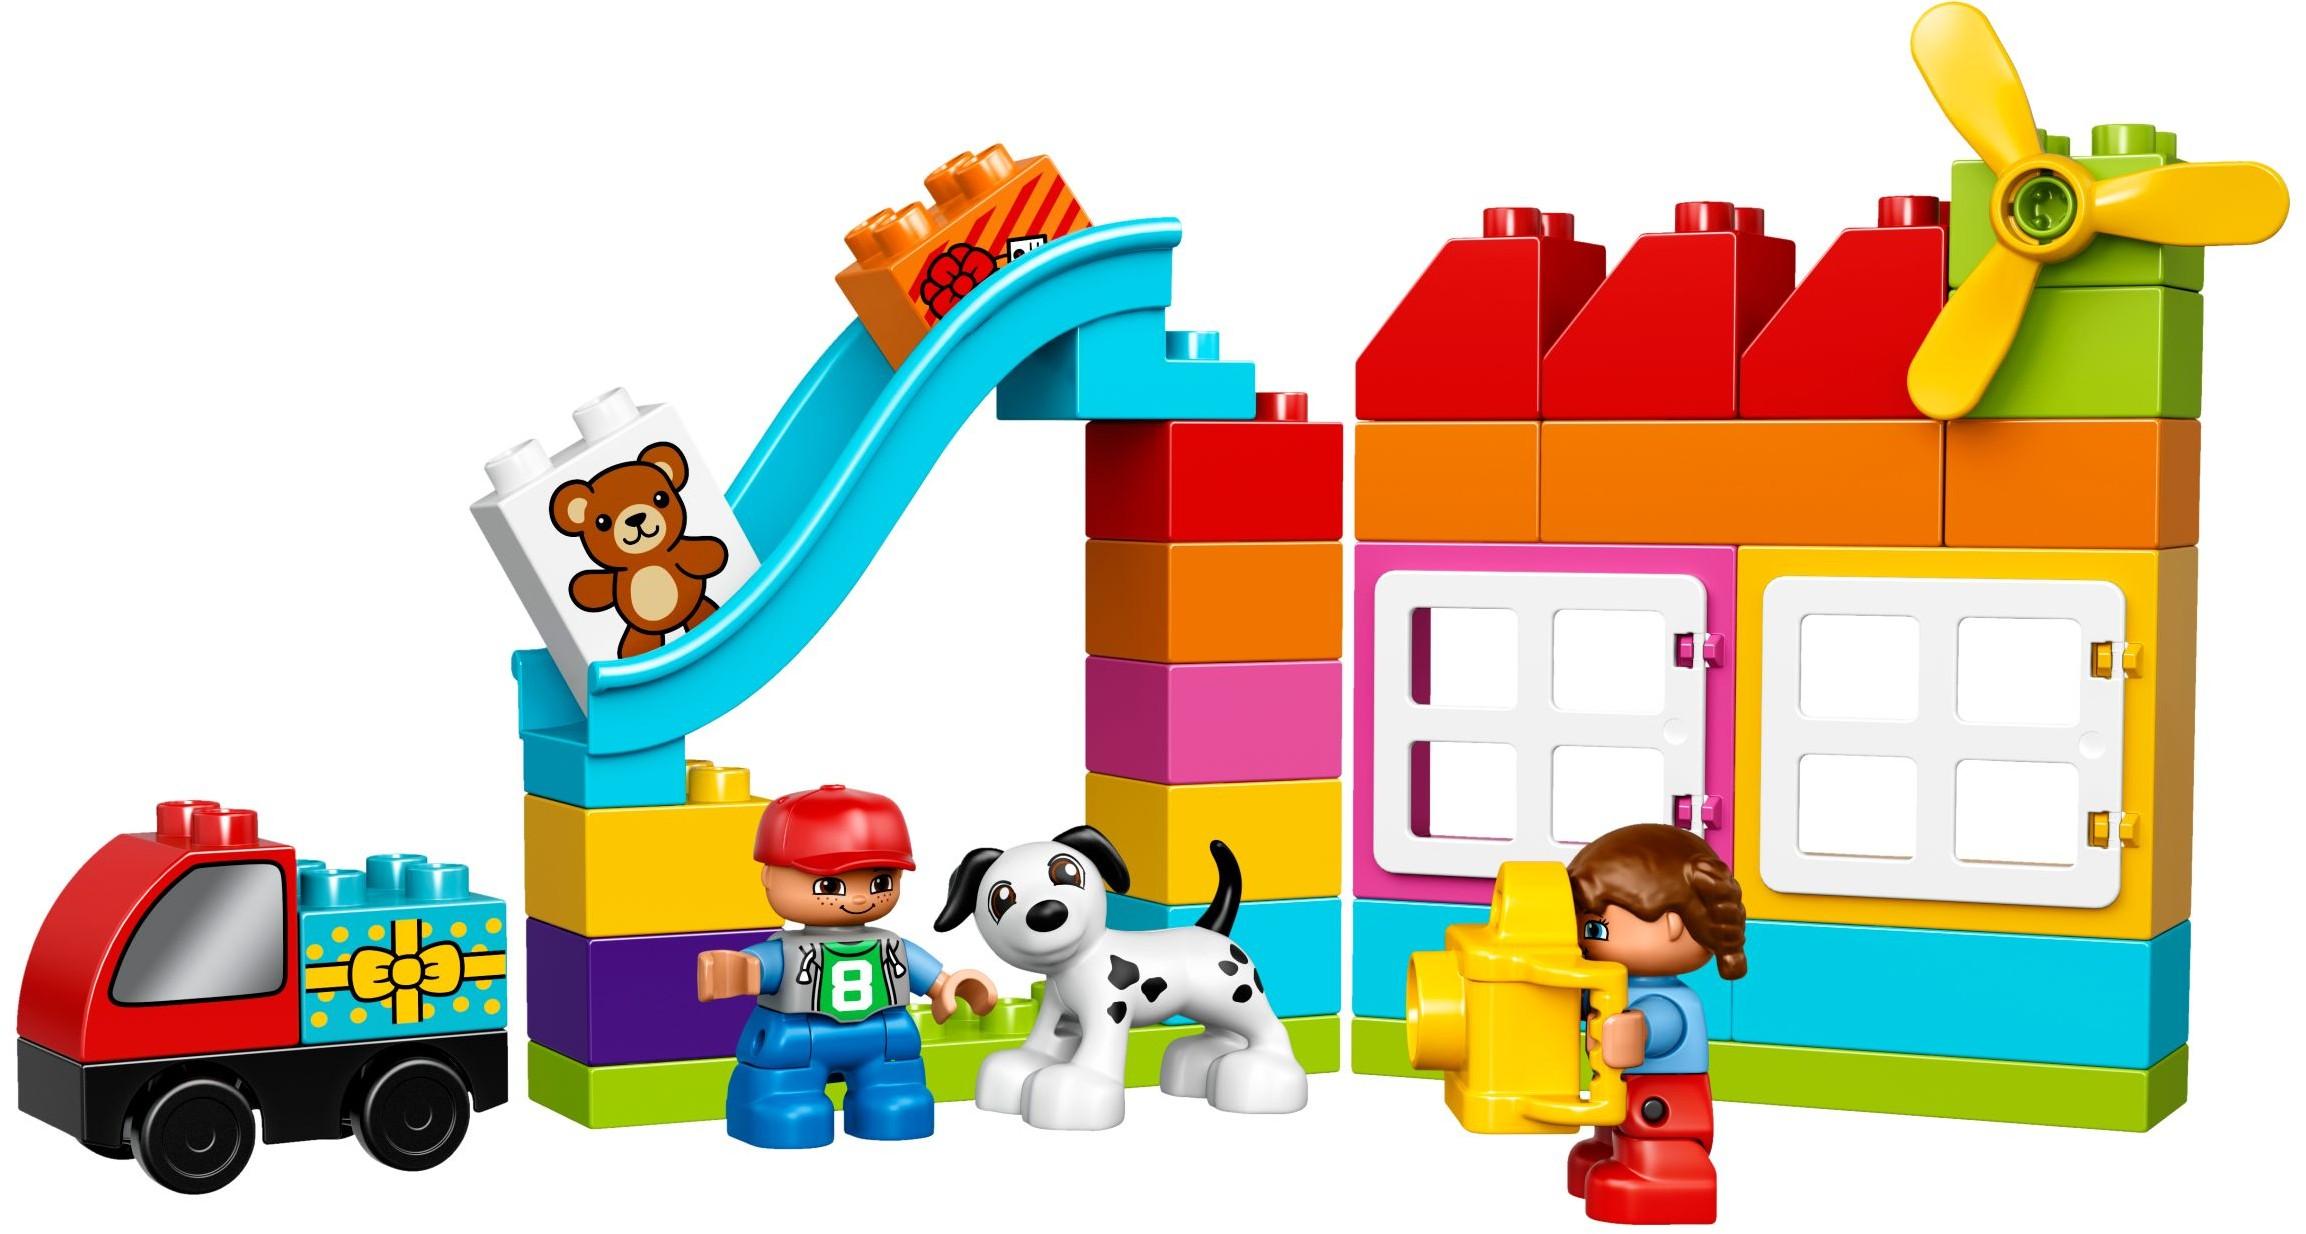 Lego duplo - creative building basket, 5 stk. på lager fra Lego duplo fra pixizoo